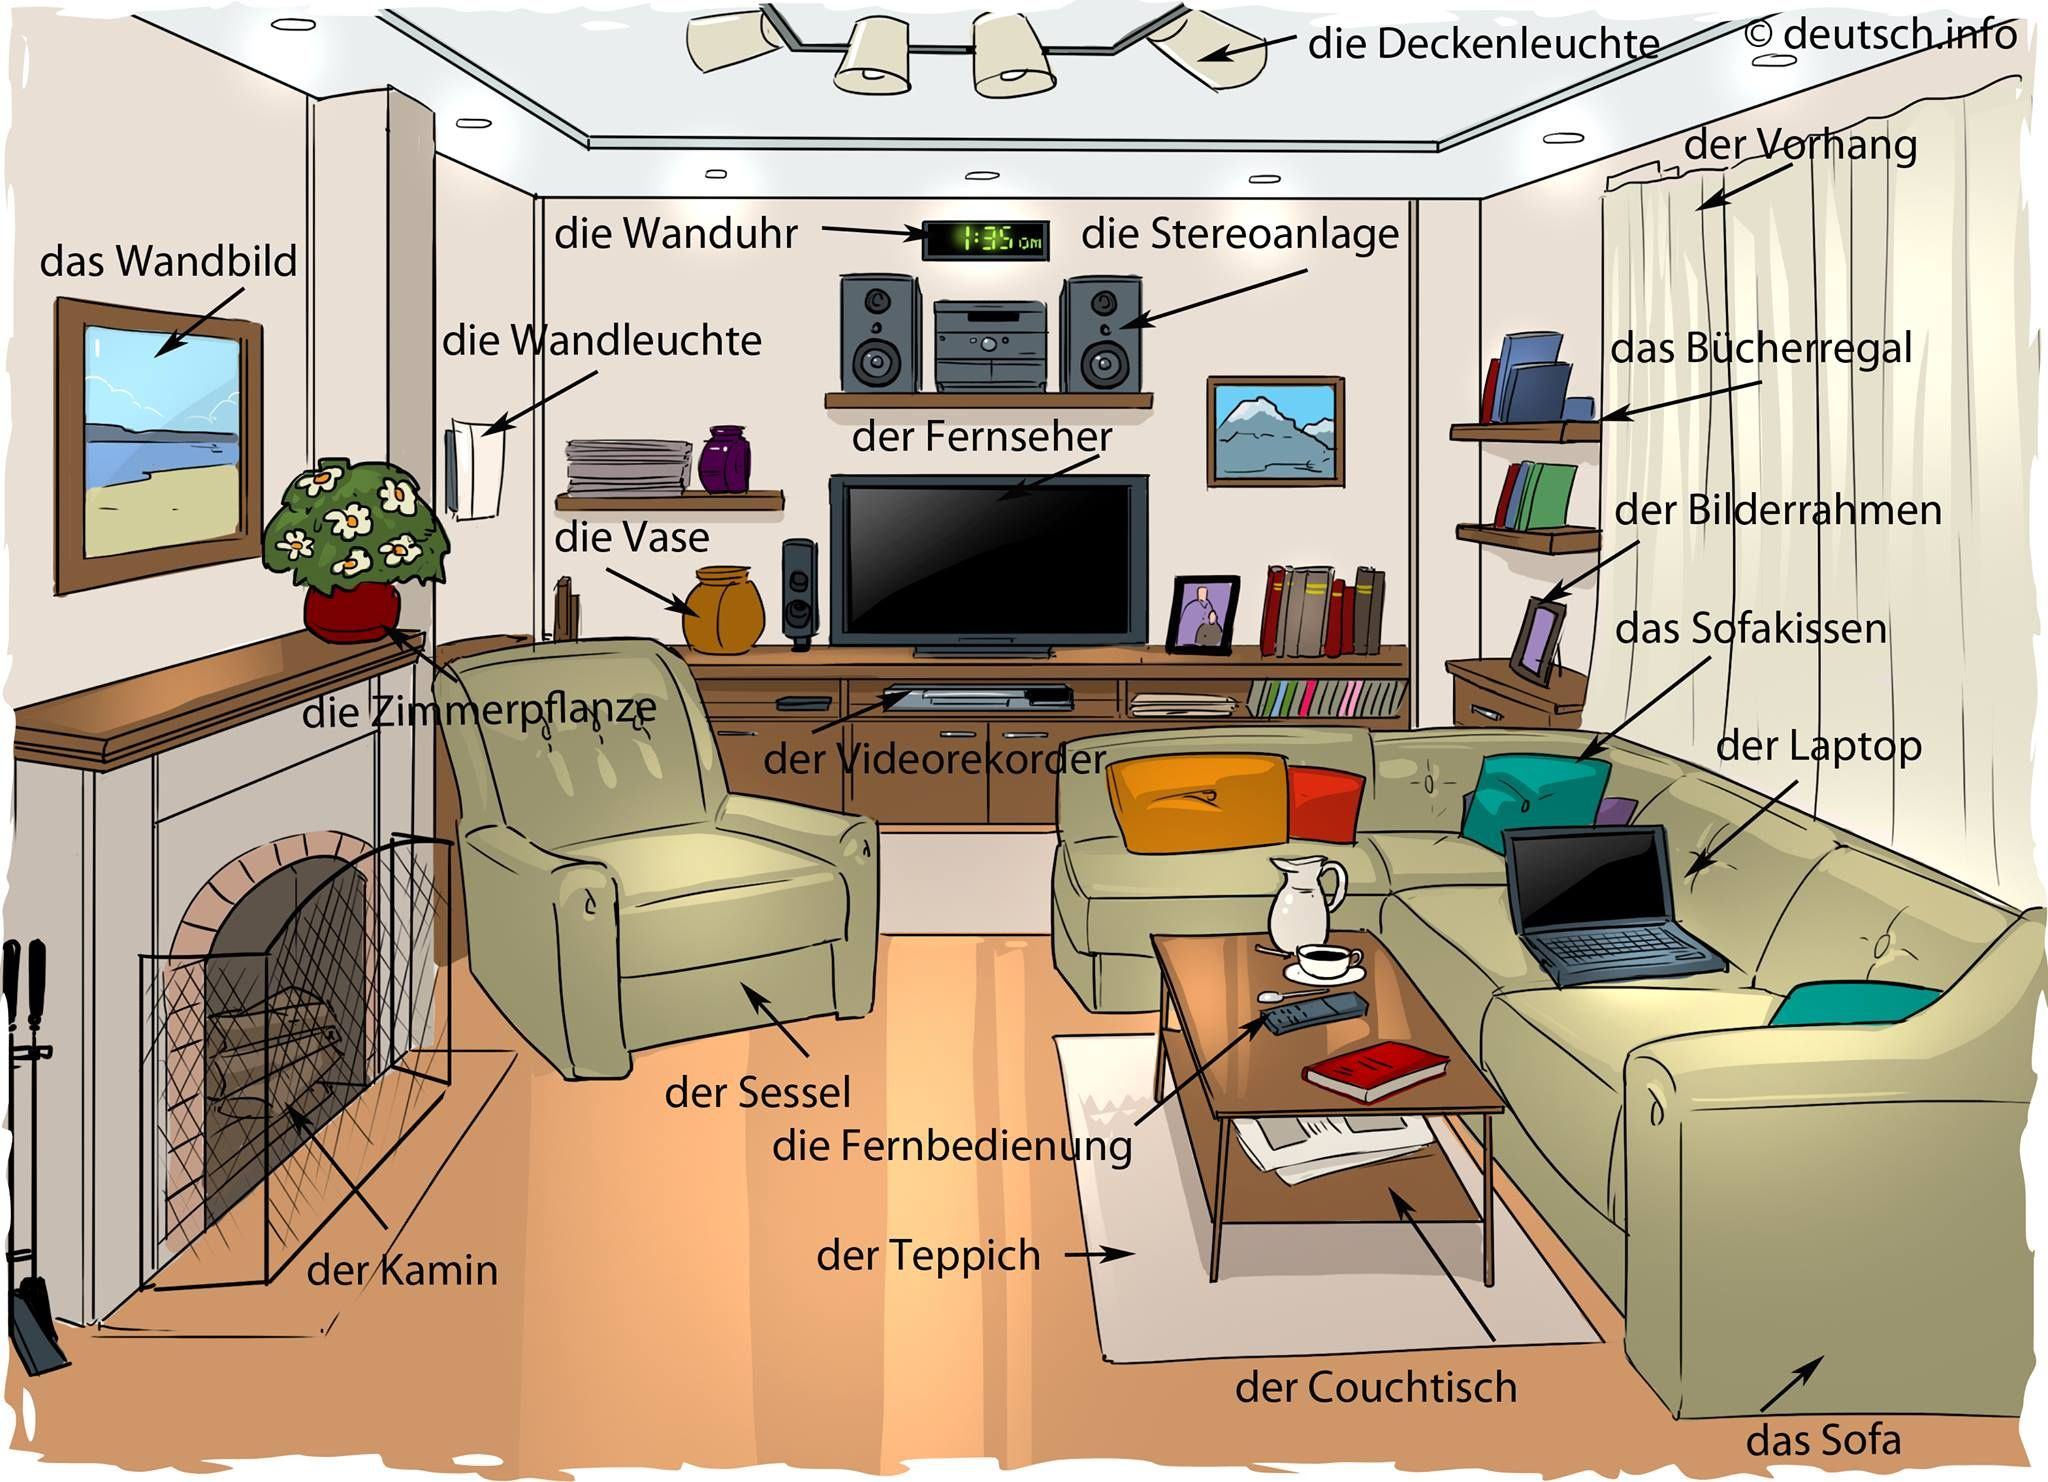 das wohnzimmer bilder mit vokabular daf pinterest. Black Bedroom Furniture Sets. Home Design Ideas